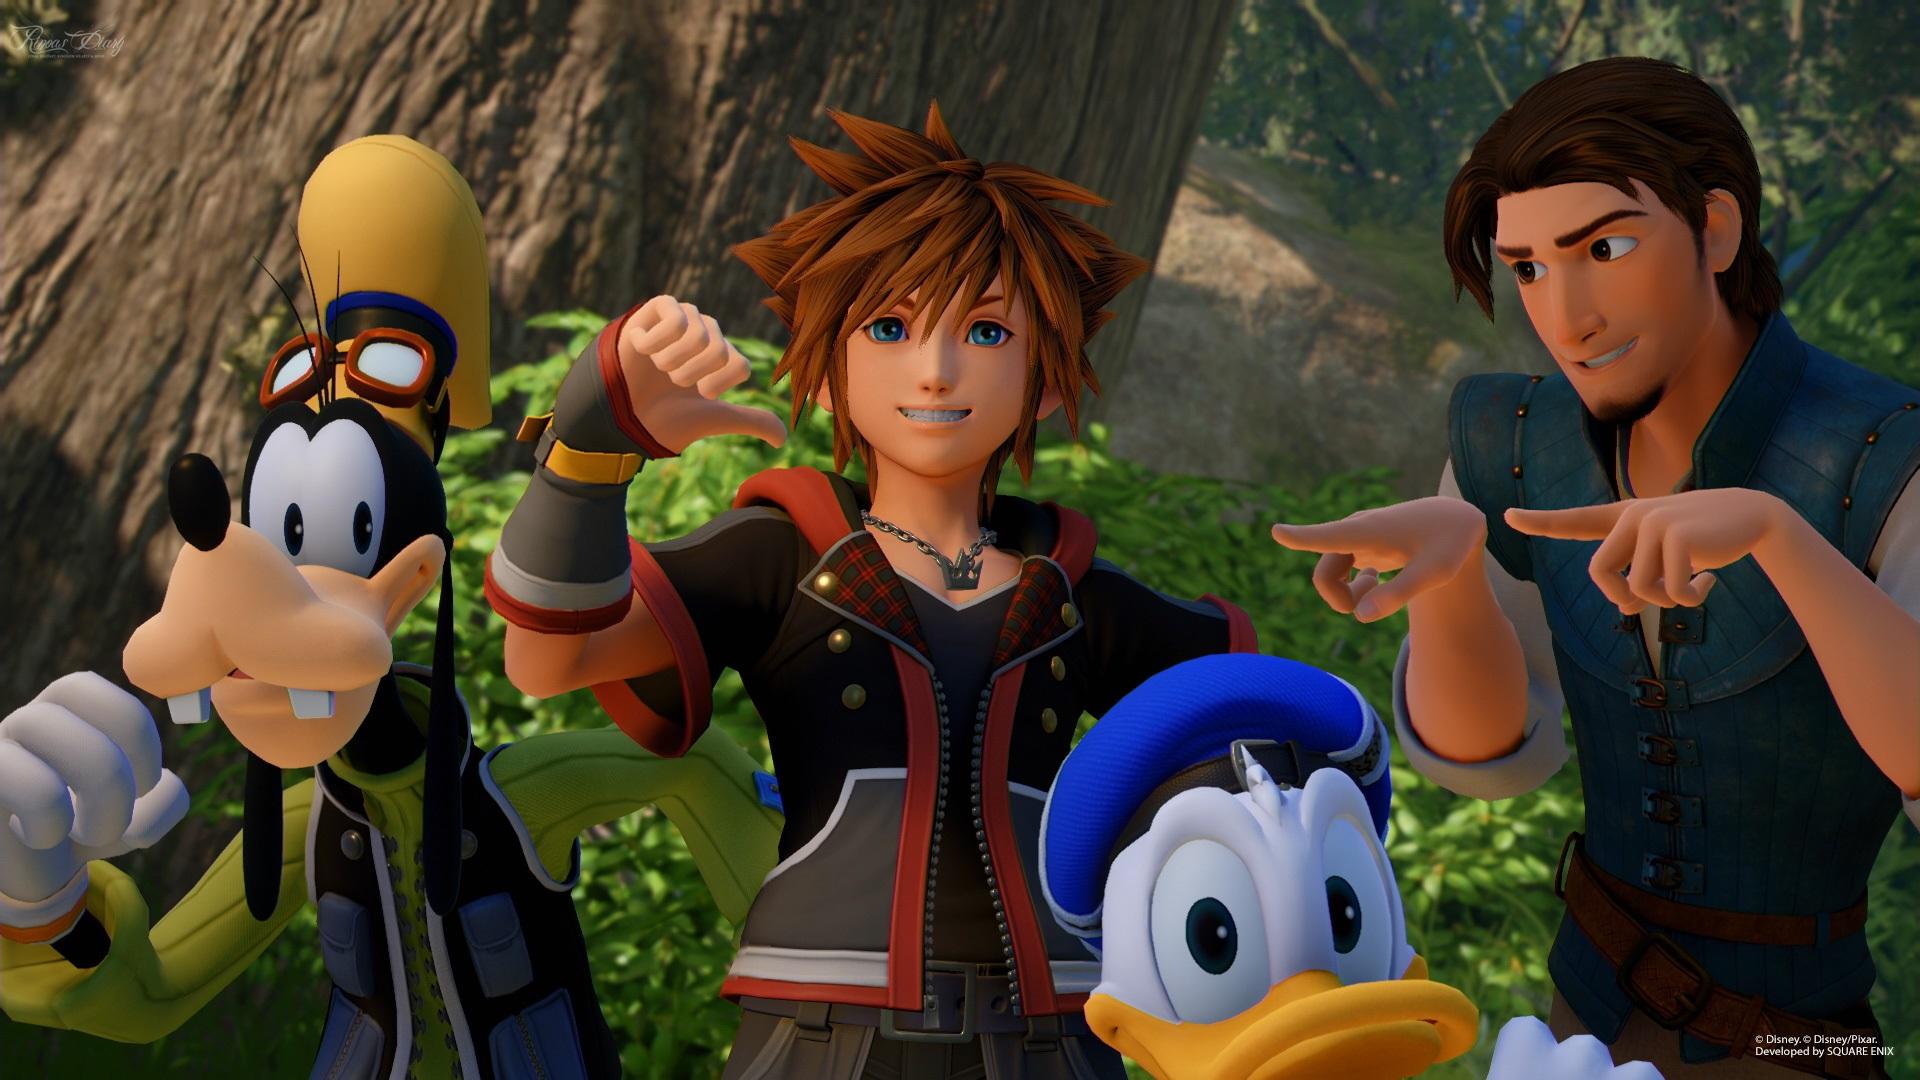 Nuovi screen per Kingdom Hearts III: il Regno di Corona e il Bosco dei 100 Acri!